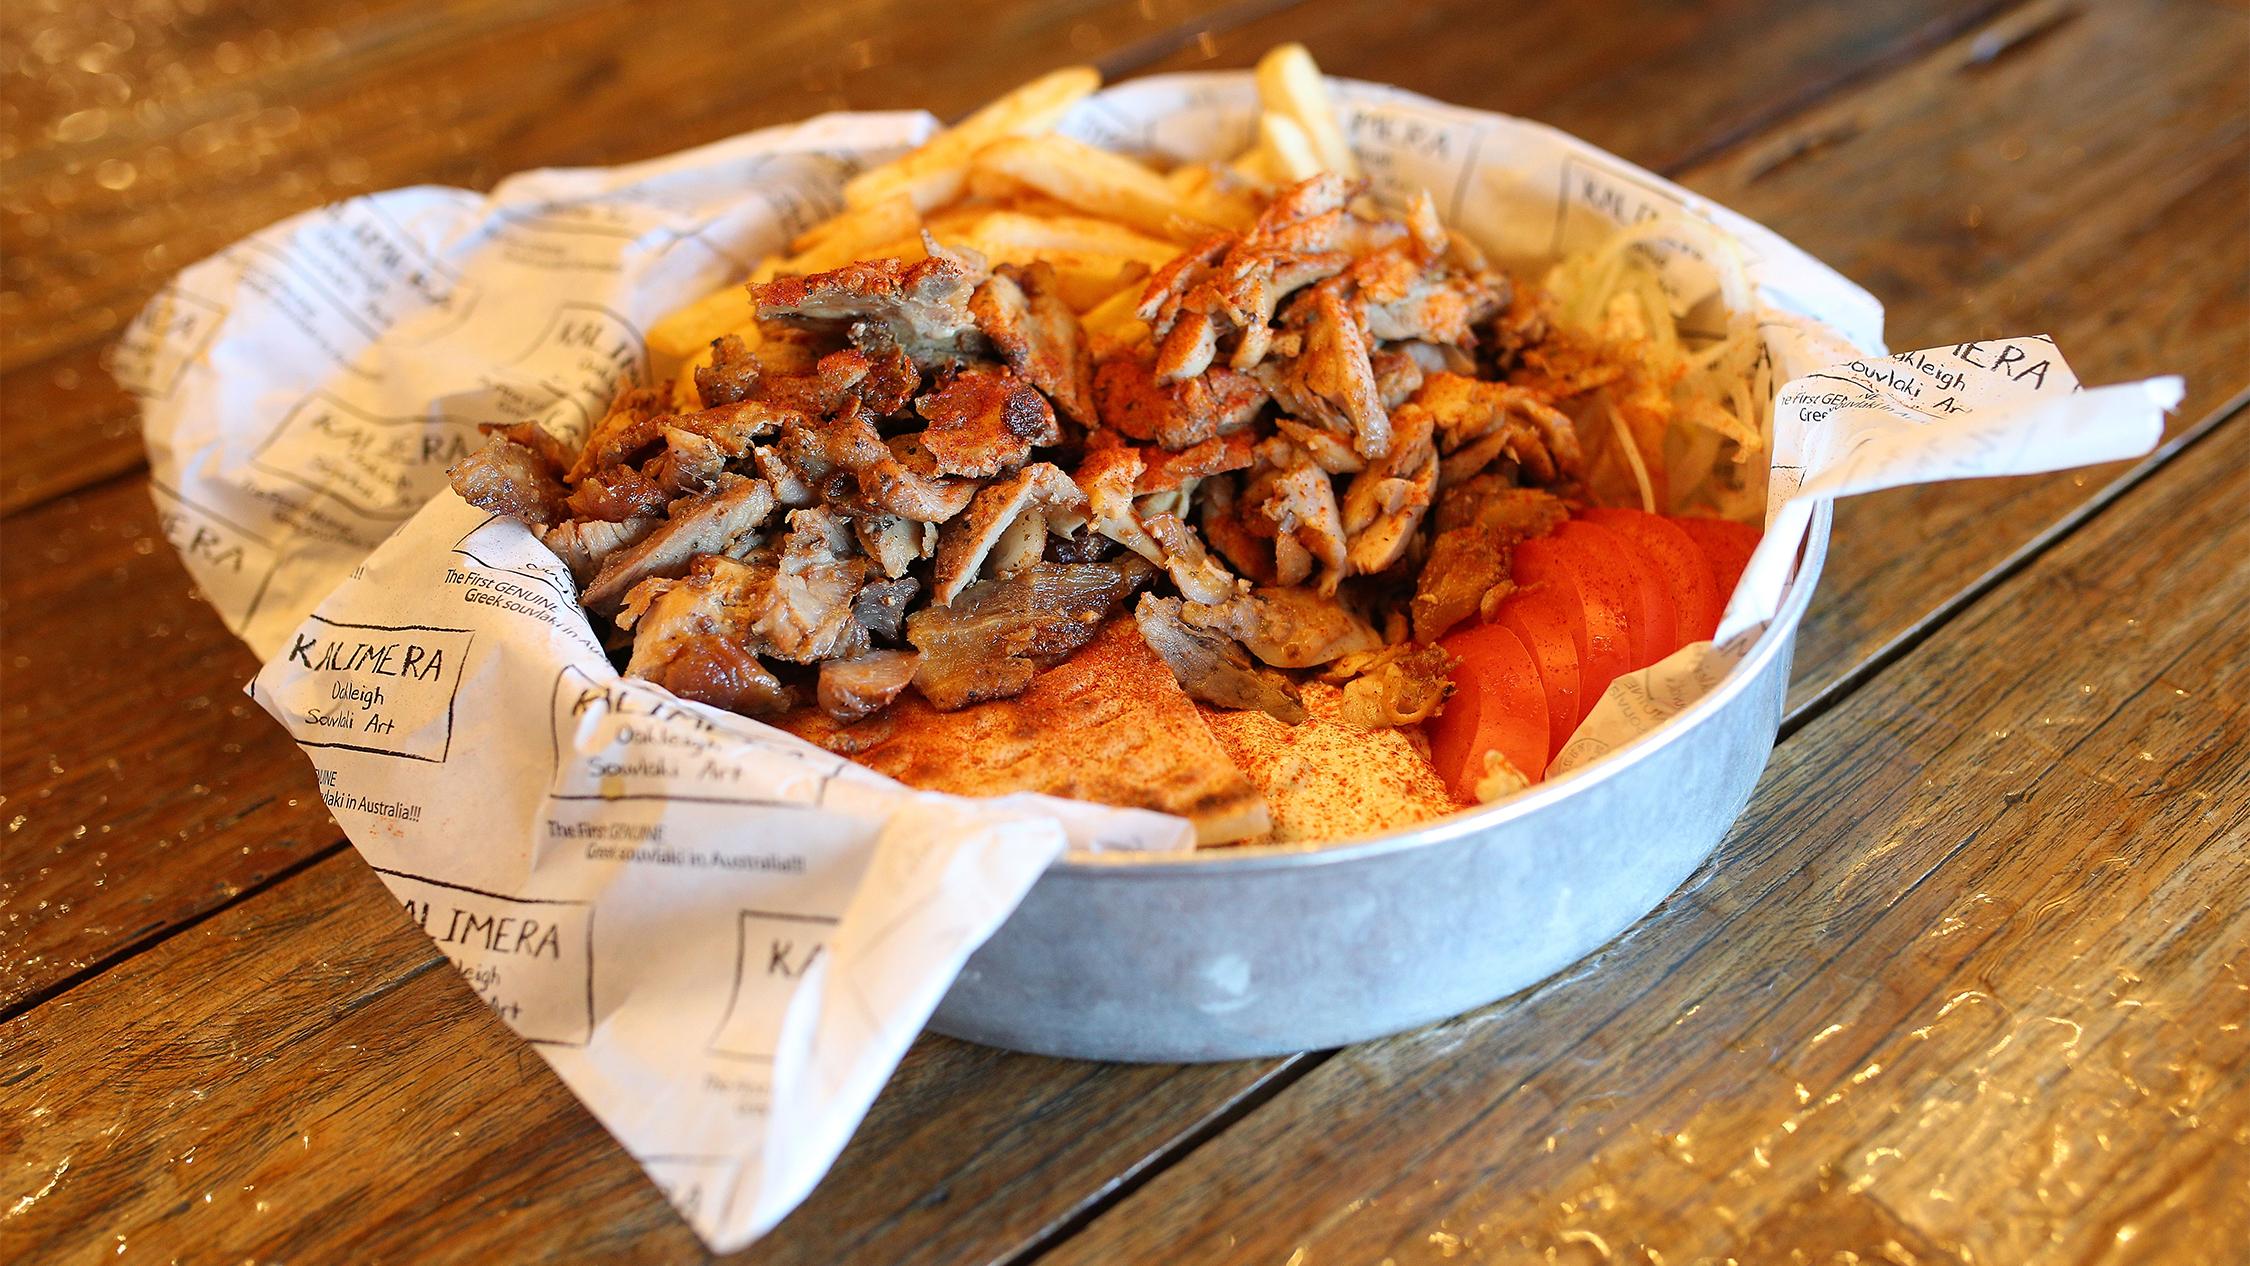 Souvlaki bowl at Kalimera Souvlaki Art